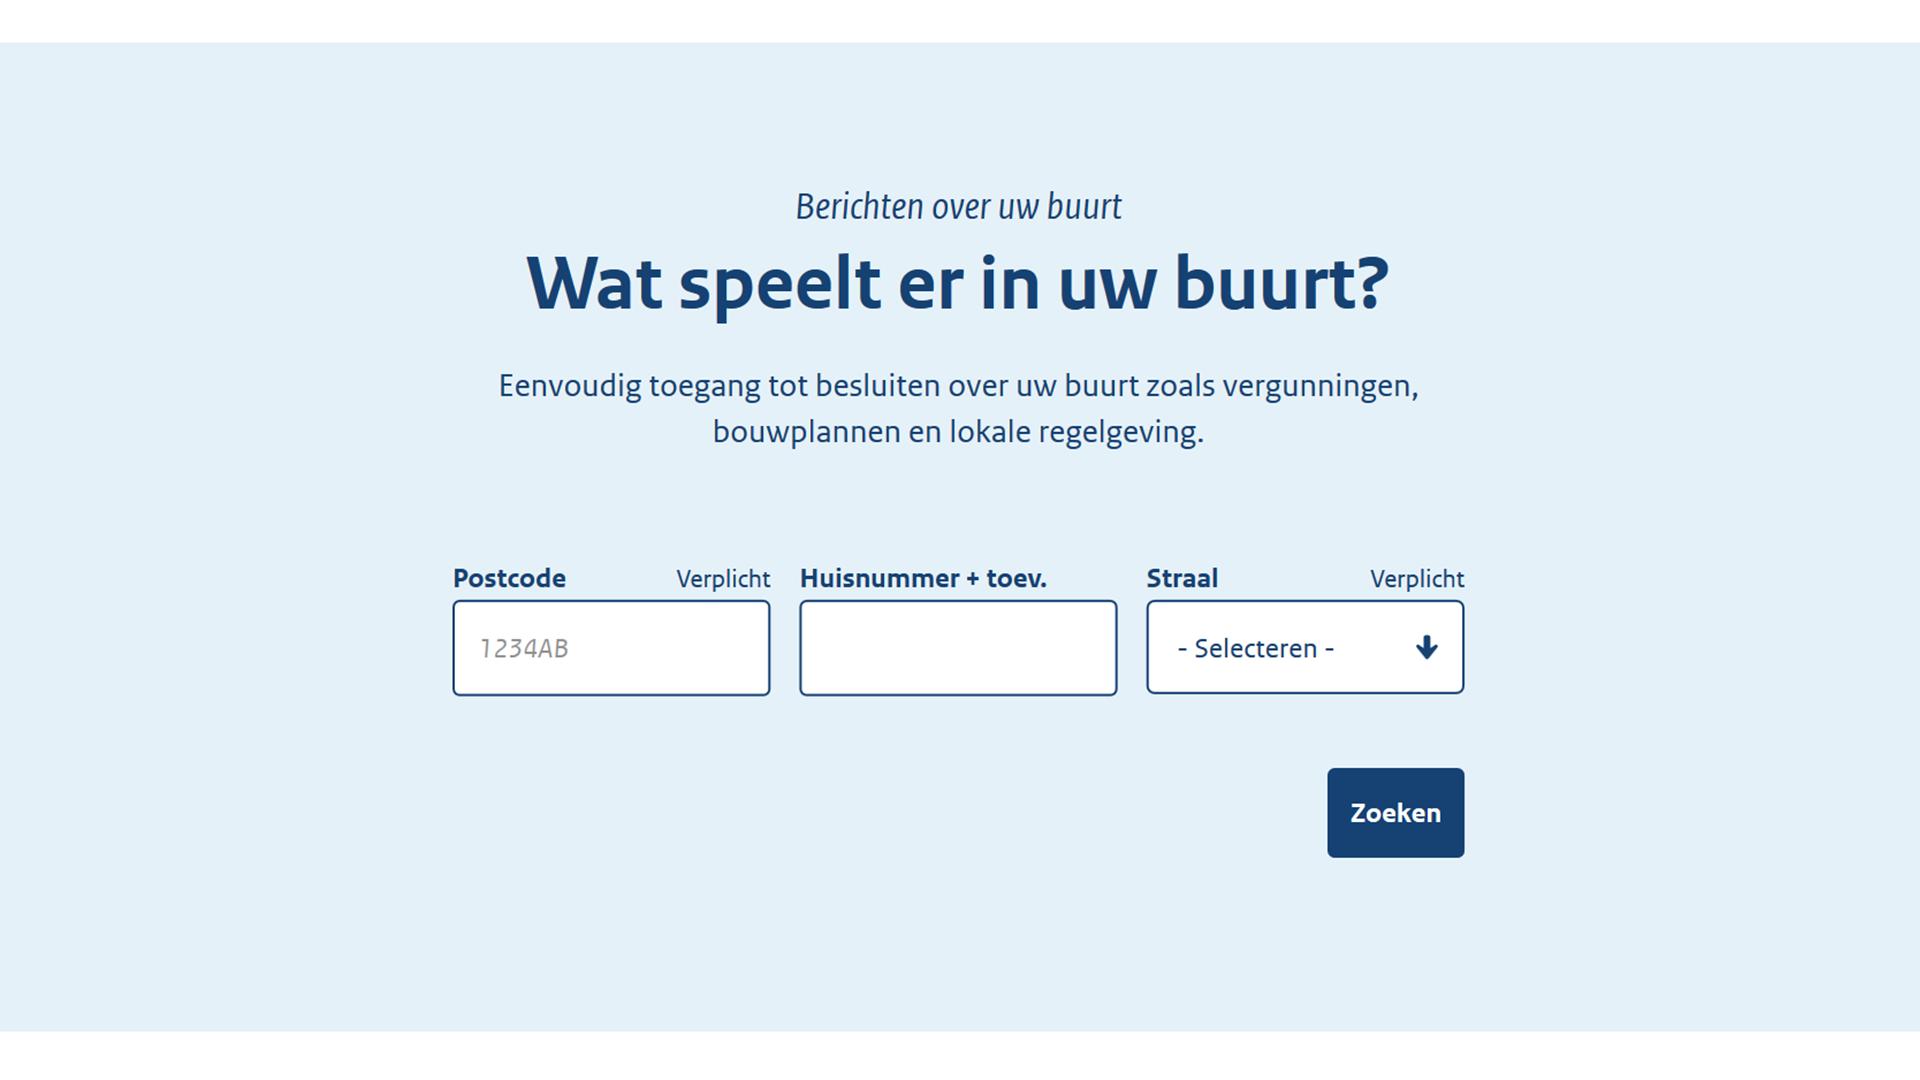 Screenshot overuwbuurt.overheid.nl